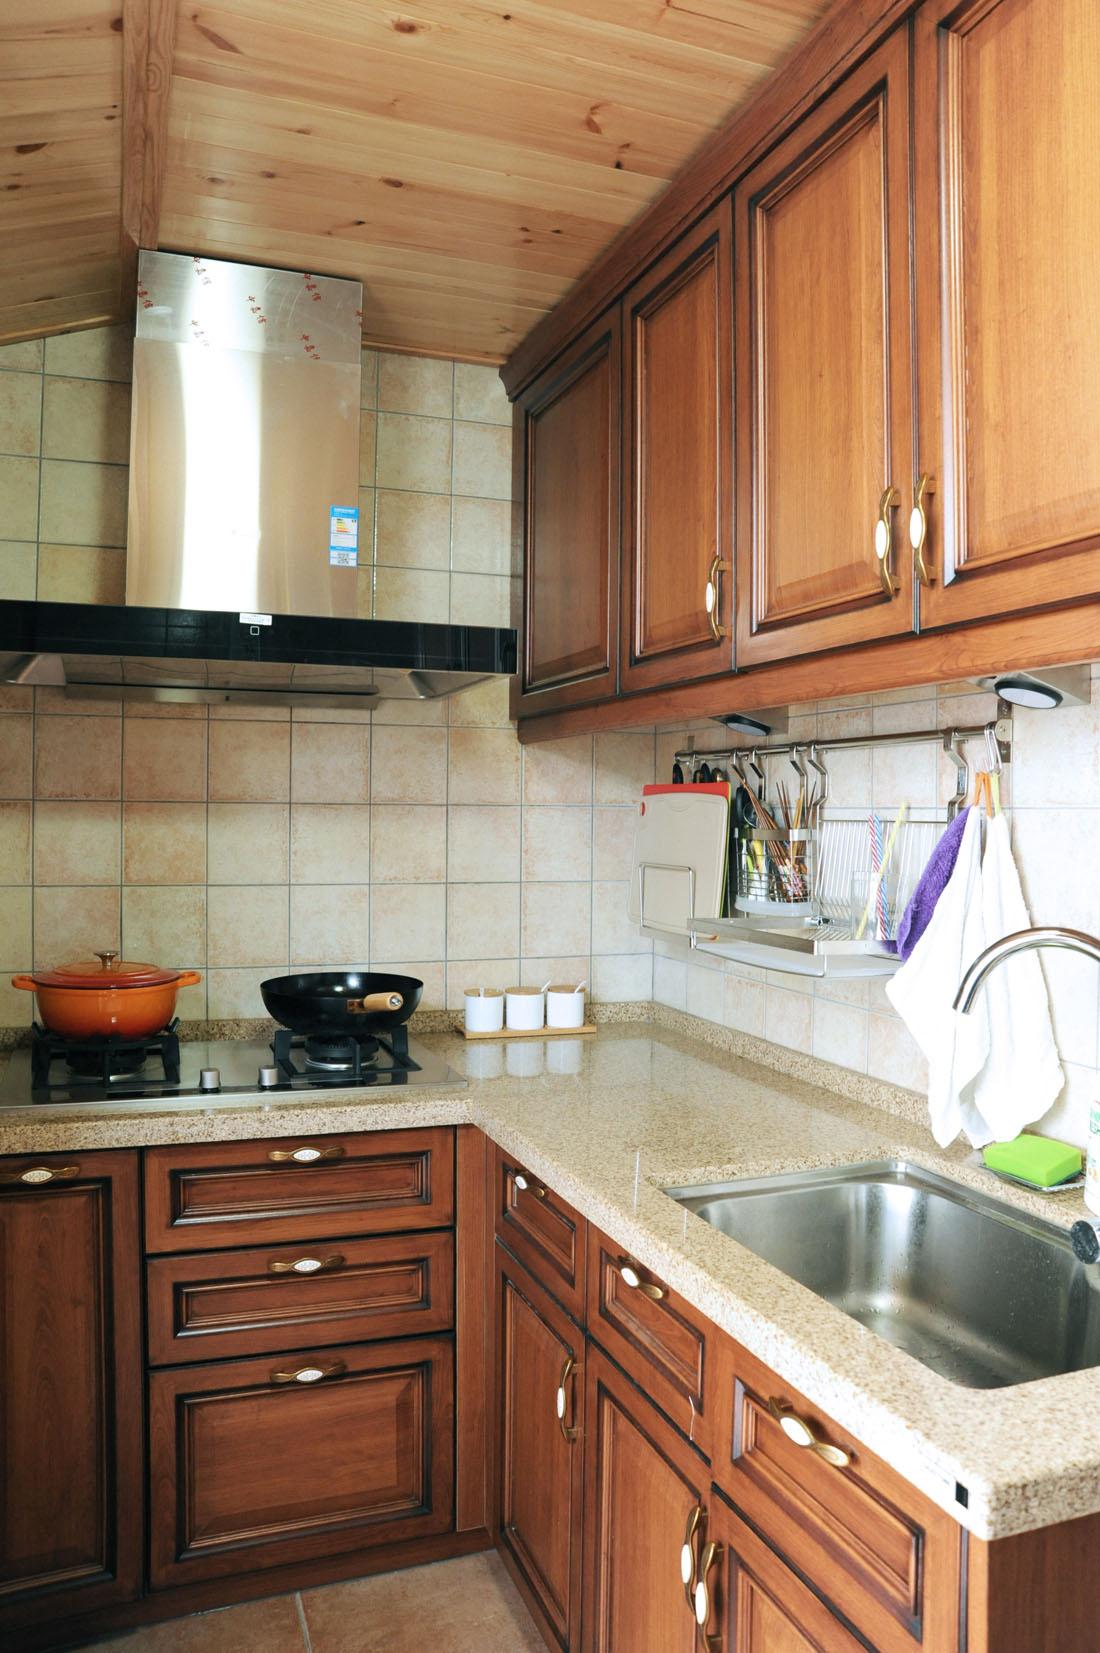 三居 美式 厨房图片来自徐春龙设计师在美丽传说的分享